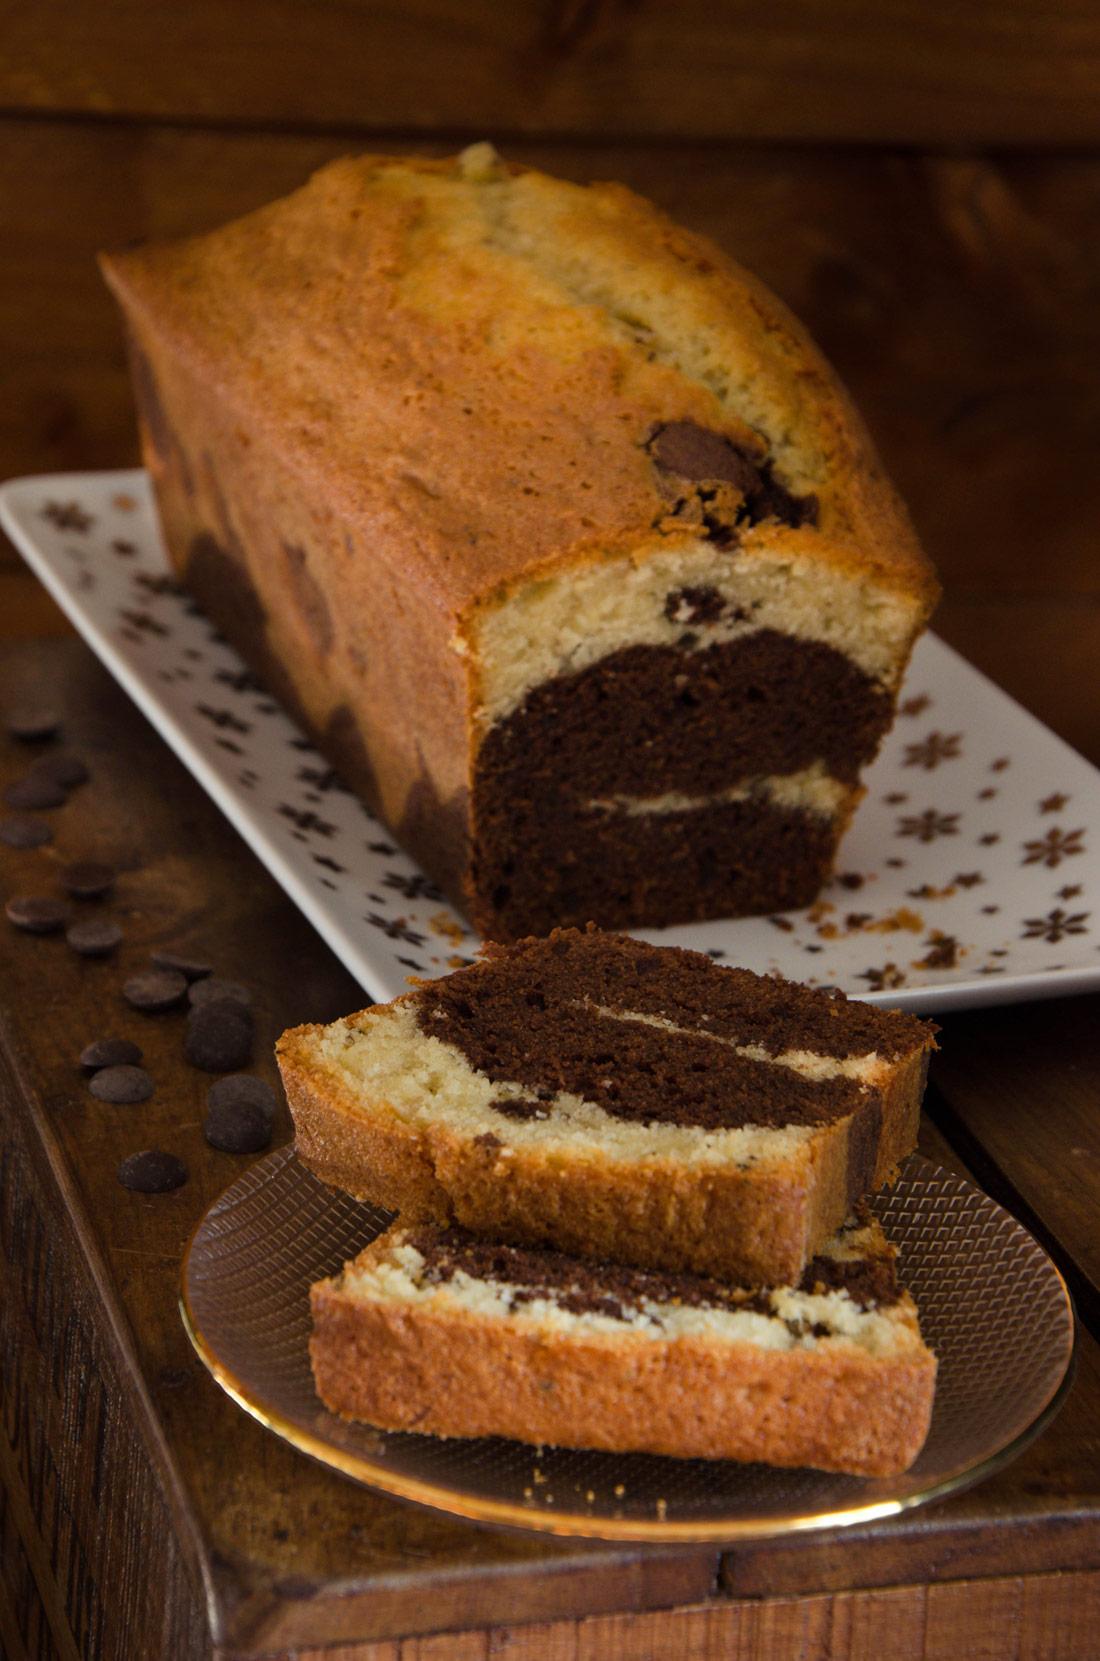 Recette de marbré chocolat vanille fait maison